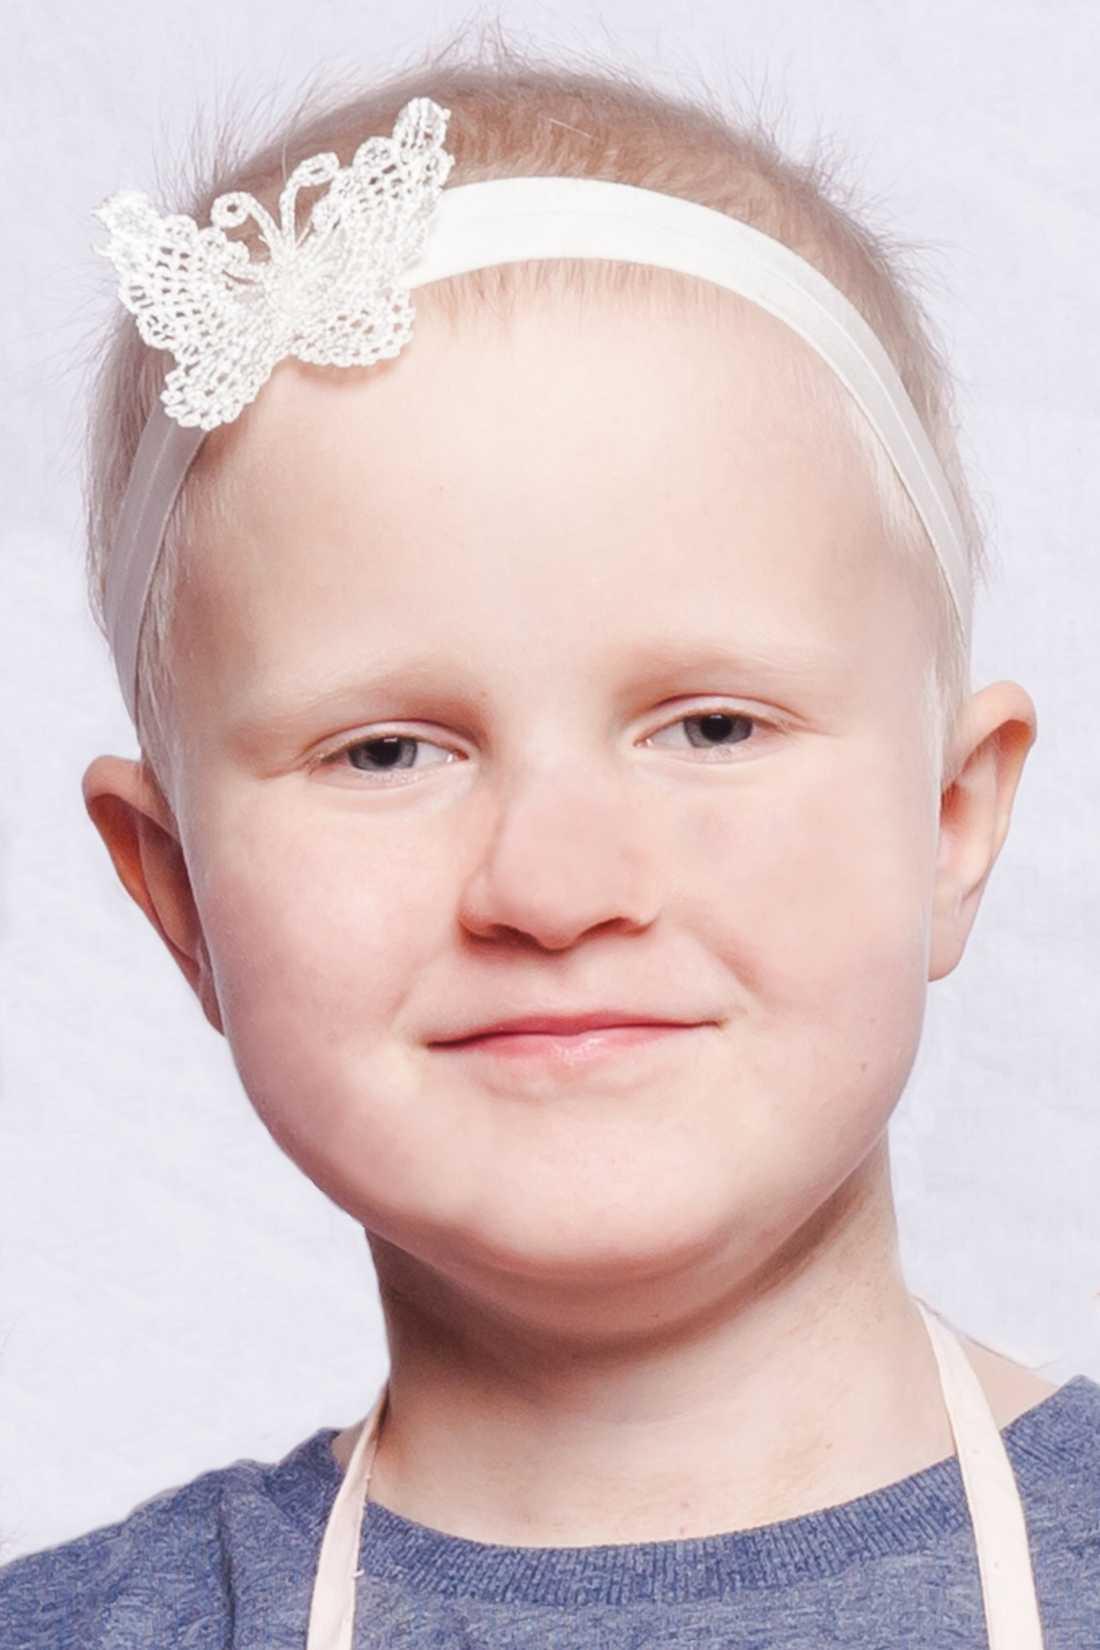 Juva är sex år gammal och bor i Alby.Fick i maj 2016 diagnosen ALL; Akut lymfatisk leukemi, efter en extremt lång insjuknandeperiod. Det värsta med behandlingen har varit de svåra krampanfall hon drabbats av i samband med tre av lumbalpunktionerna hon ska få var åttonde vecka behandlingen ut. Juva är en bestämd tjej som nu är full av energi igen, och hon har följt sina behandlingar och undersökningar med stort intresse.